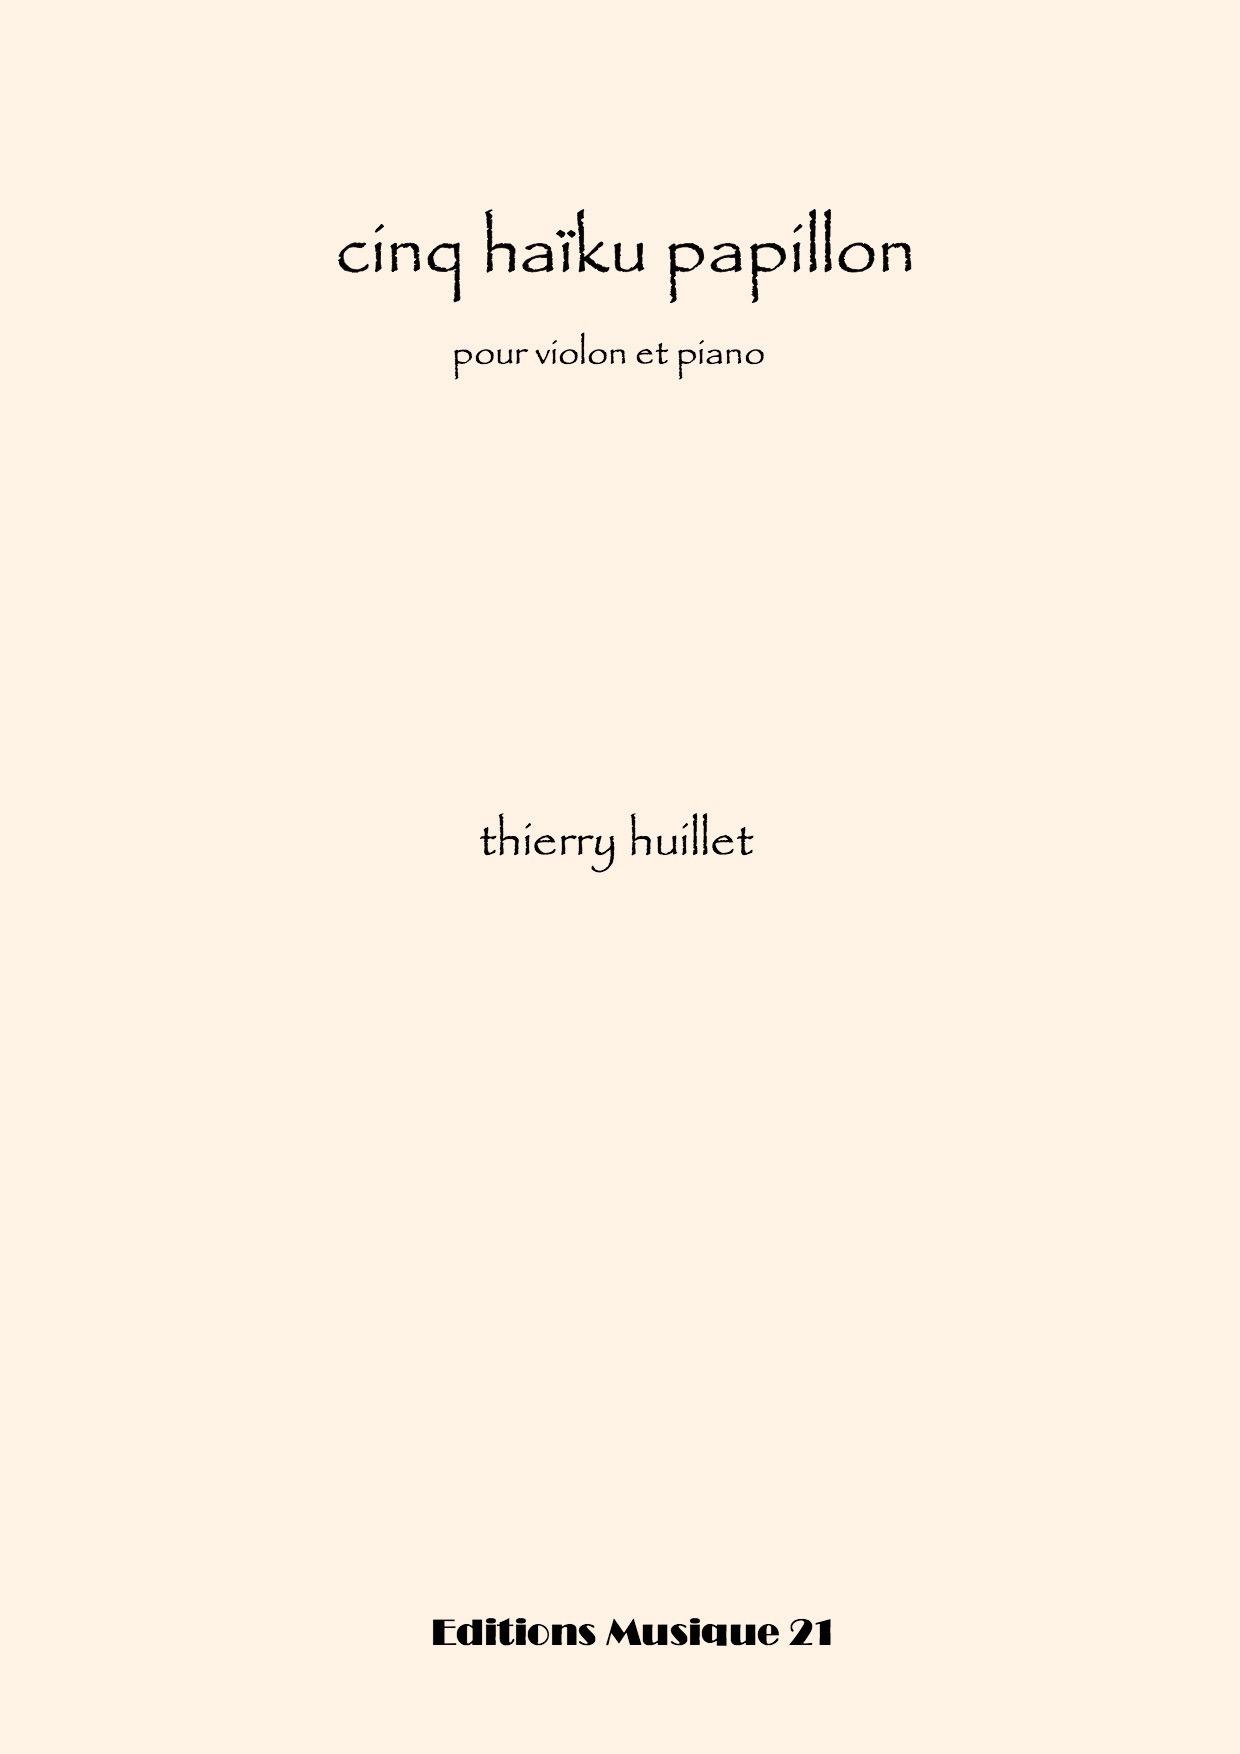 Huillet: 5 Haiku Papillon, For Violin And Piano